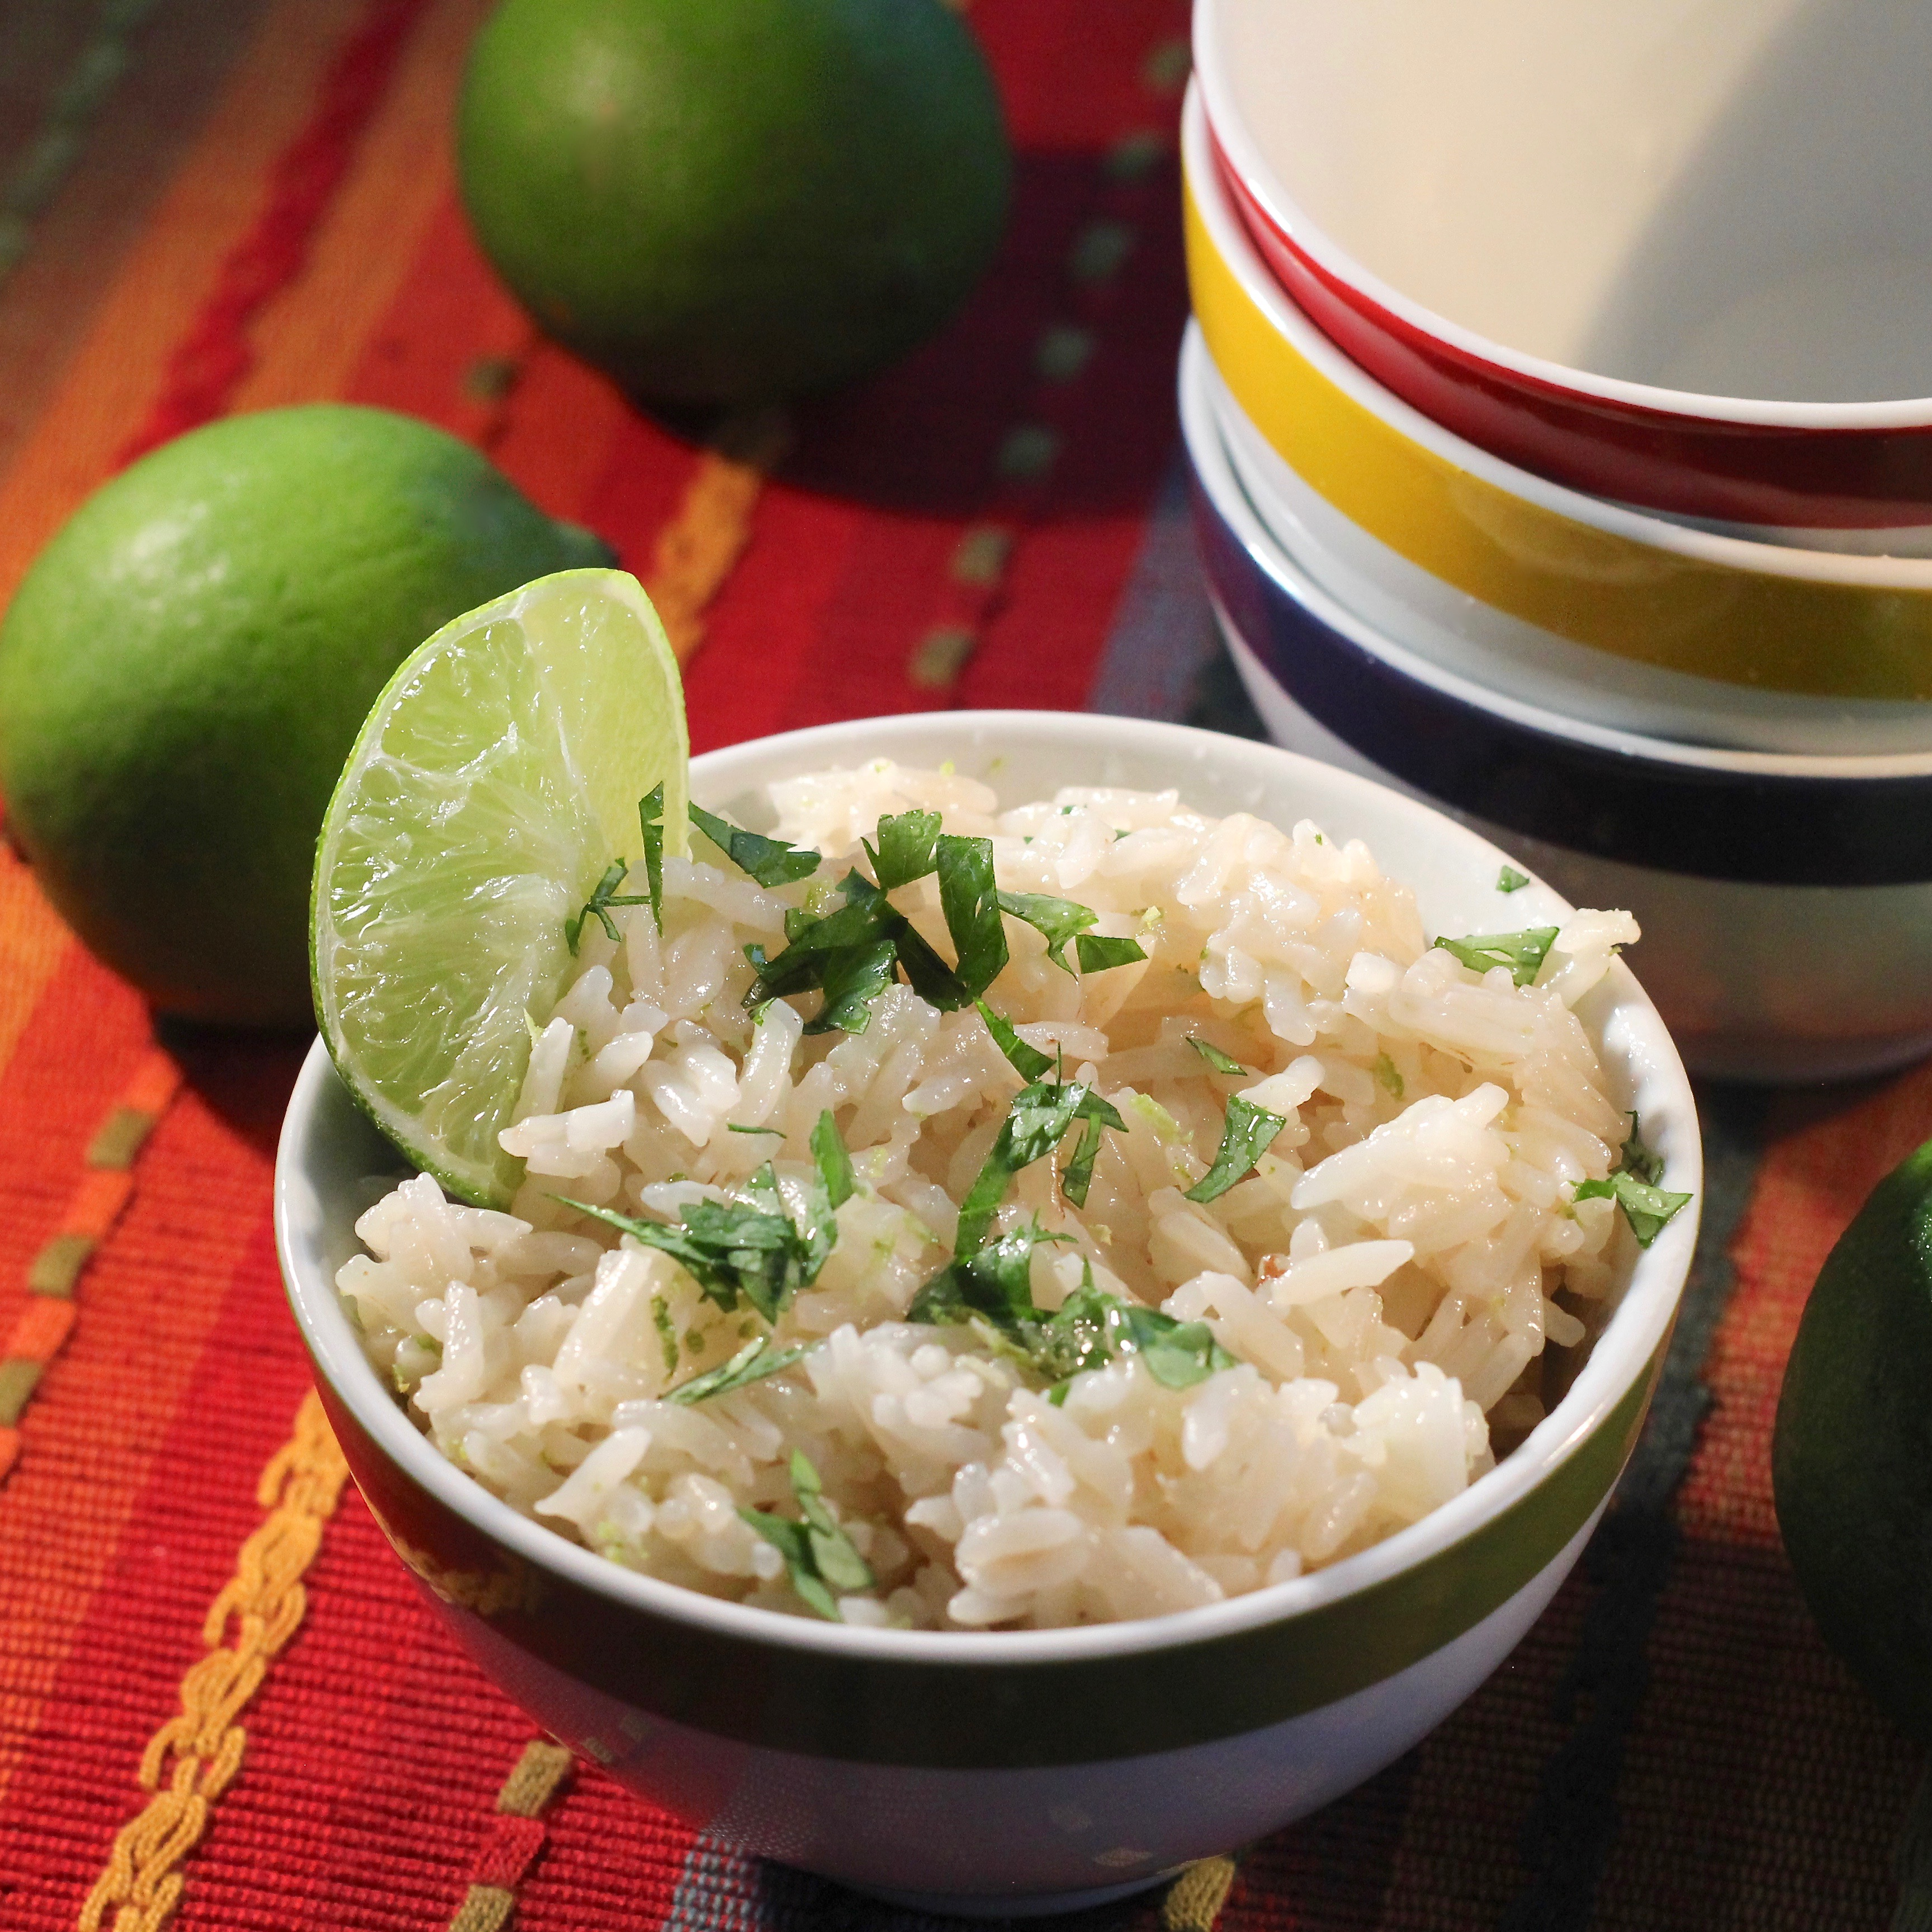 Instant Pot(R) Lime-Cilantro Rice